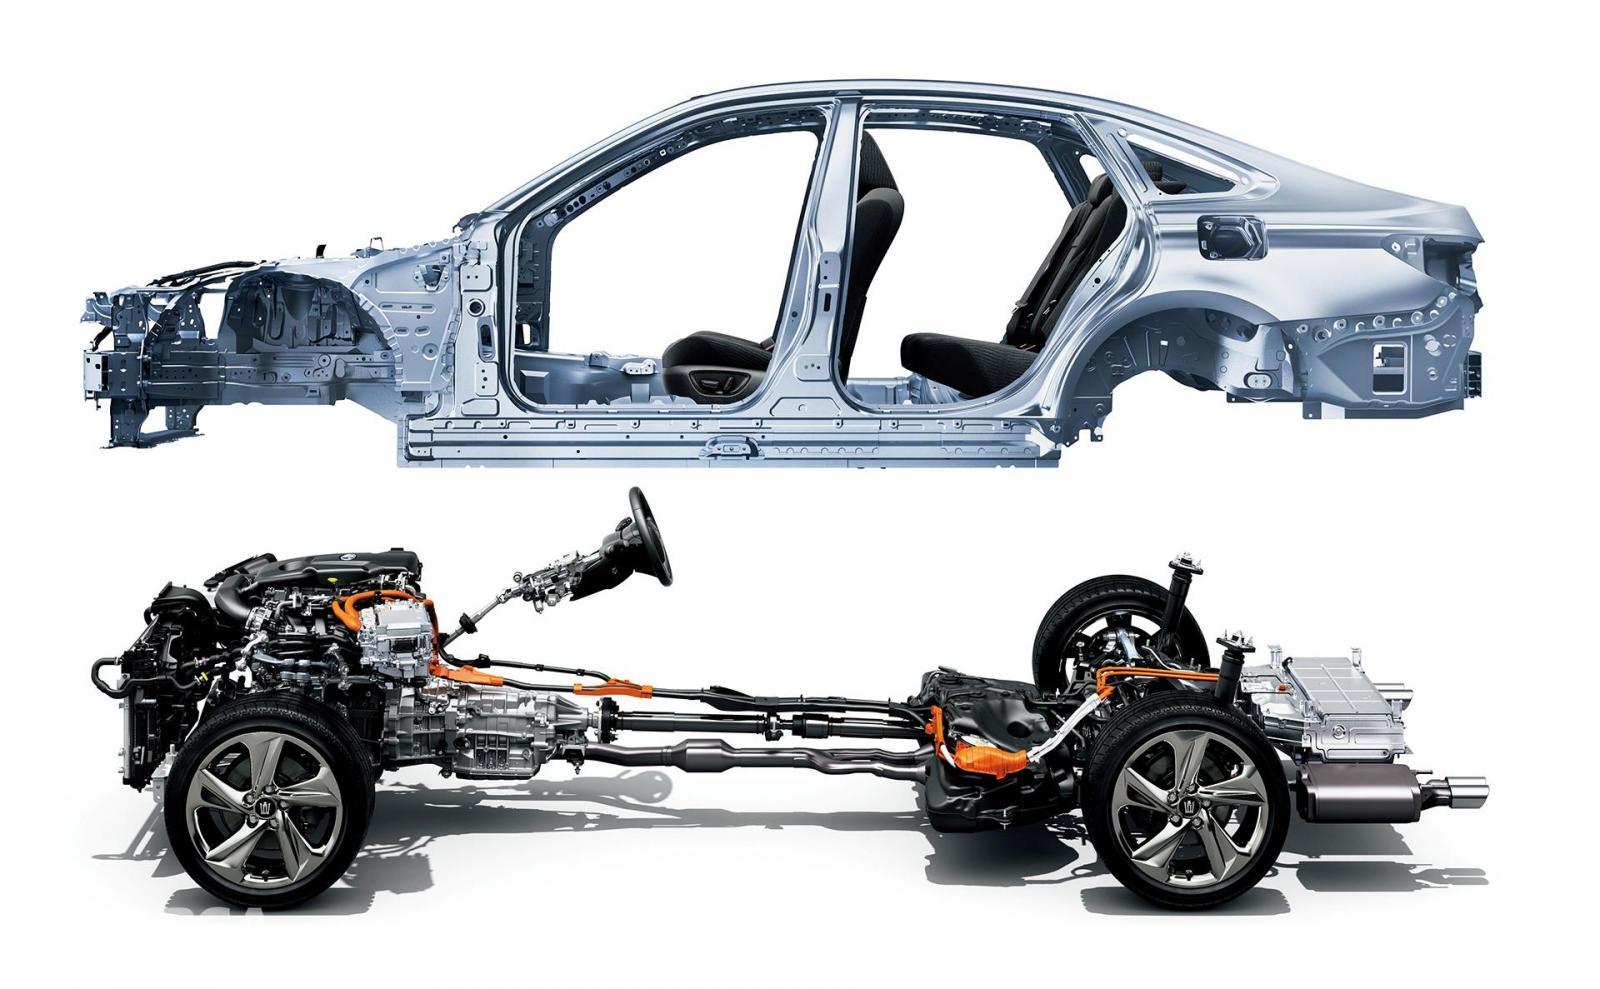 Fitur keselamatan Toyota Crown 2018 dilengkapi rangka bodi TNGA untuk memberi Handling lebih mumpuni